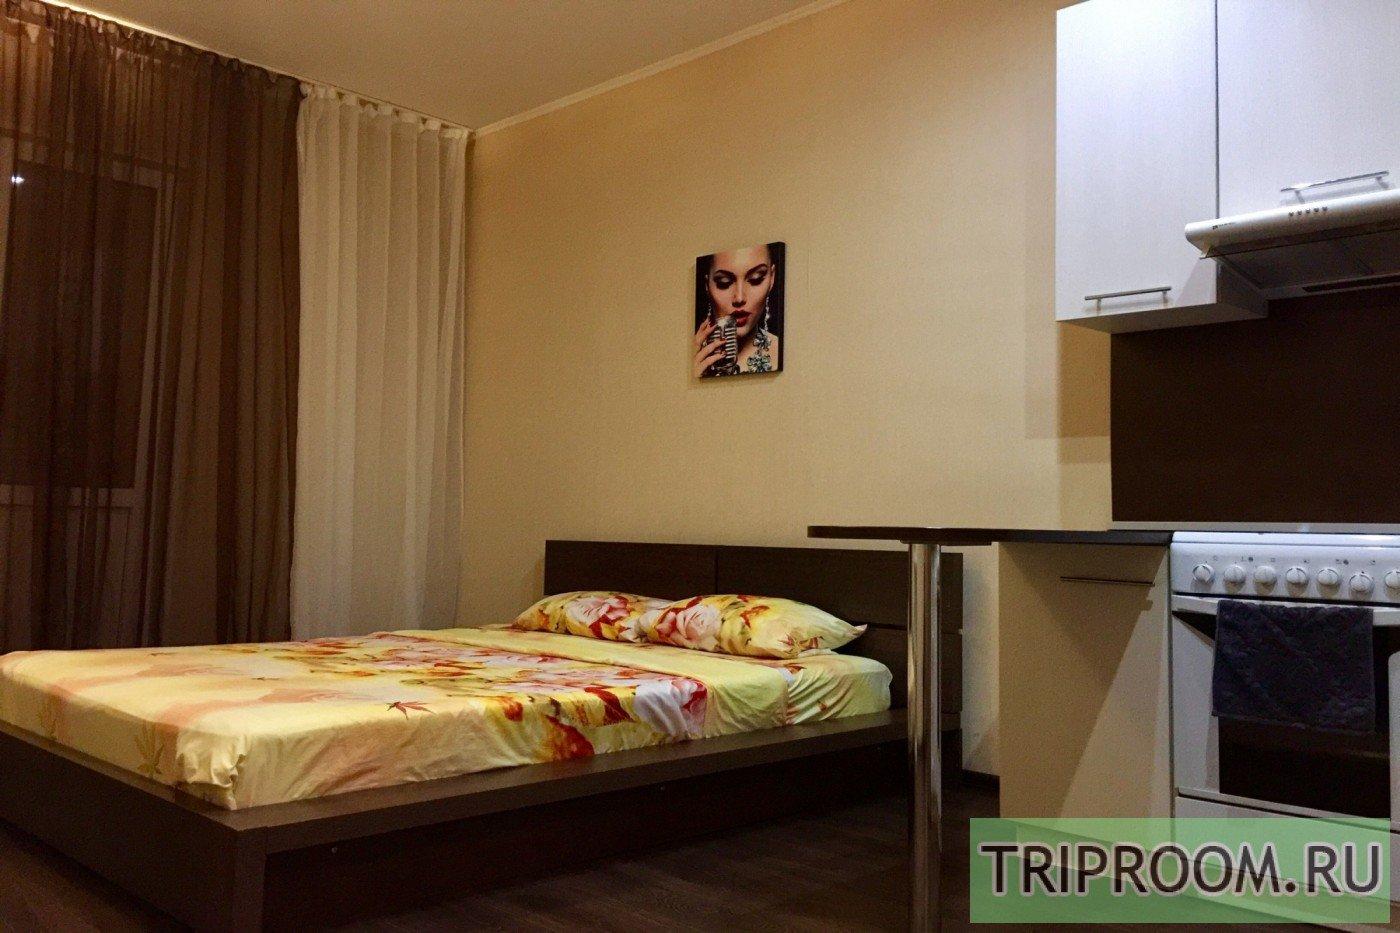 1-комнатная квартира посуточно (вариант № 36698), ул. Университетская улица, фото № 3